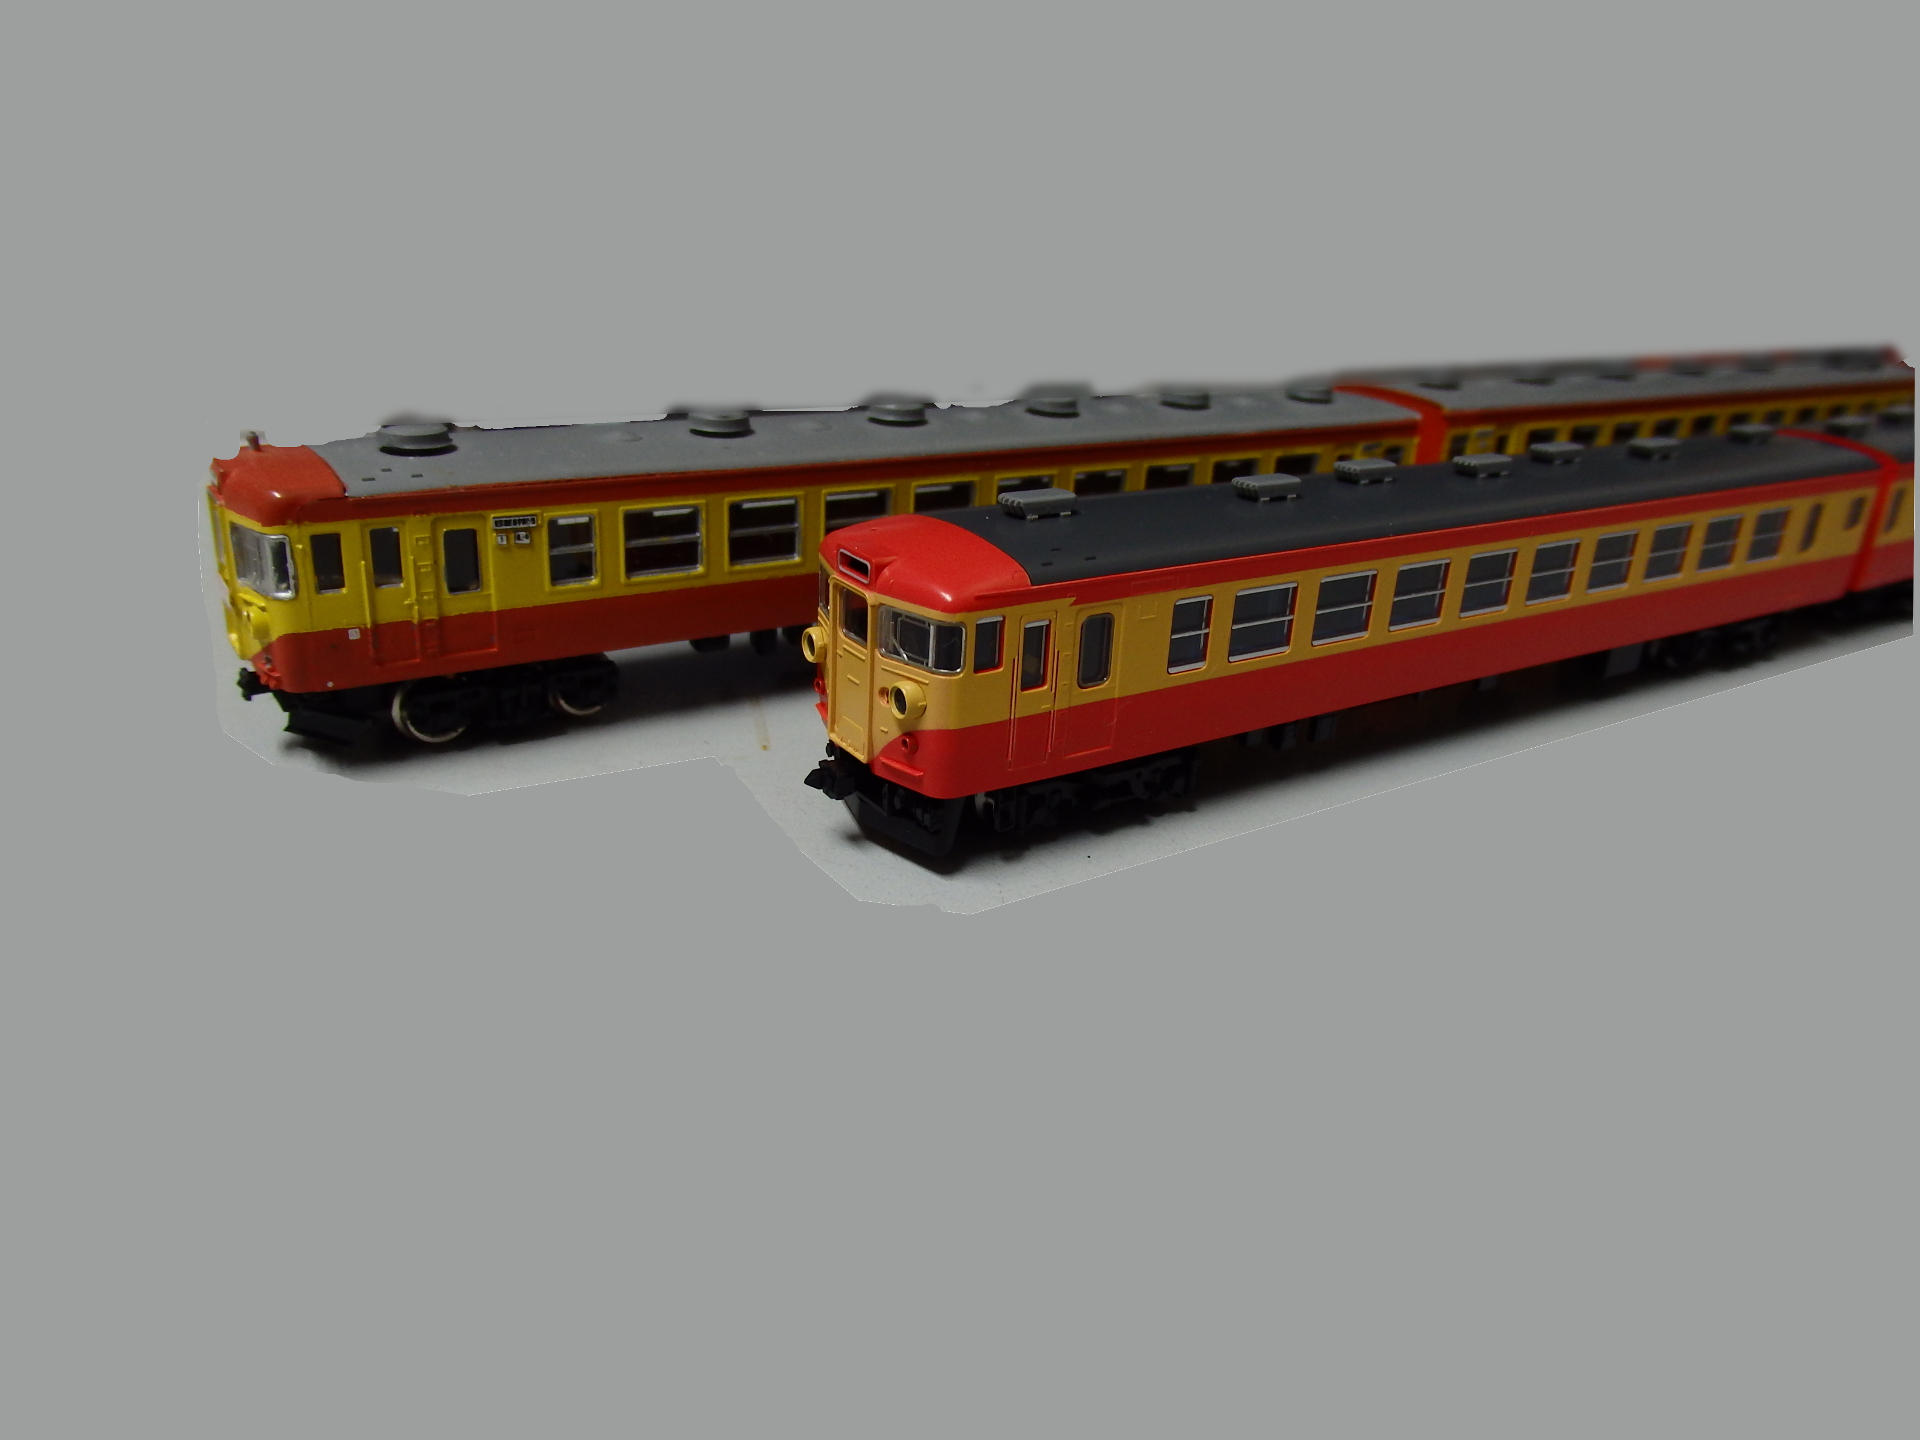 TOMIXのHGシリーズ167系修学旅行用電車です。